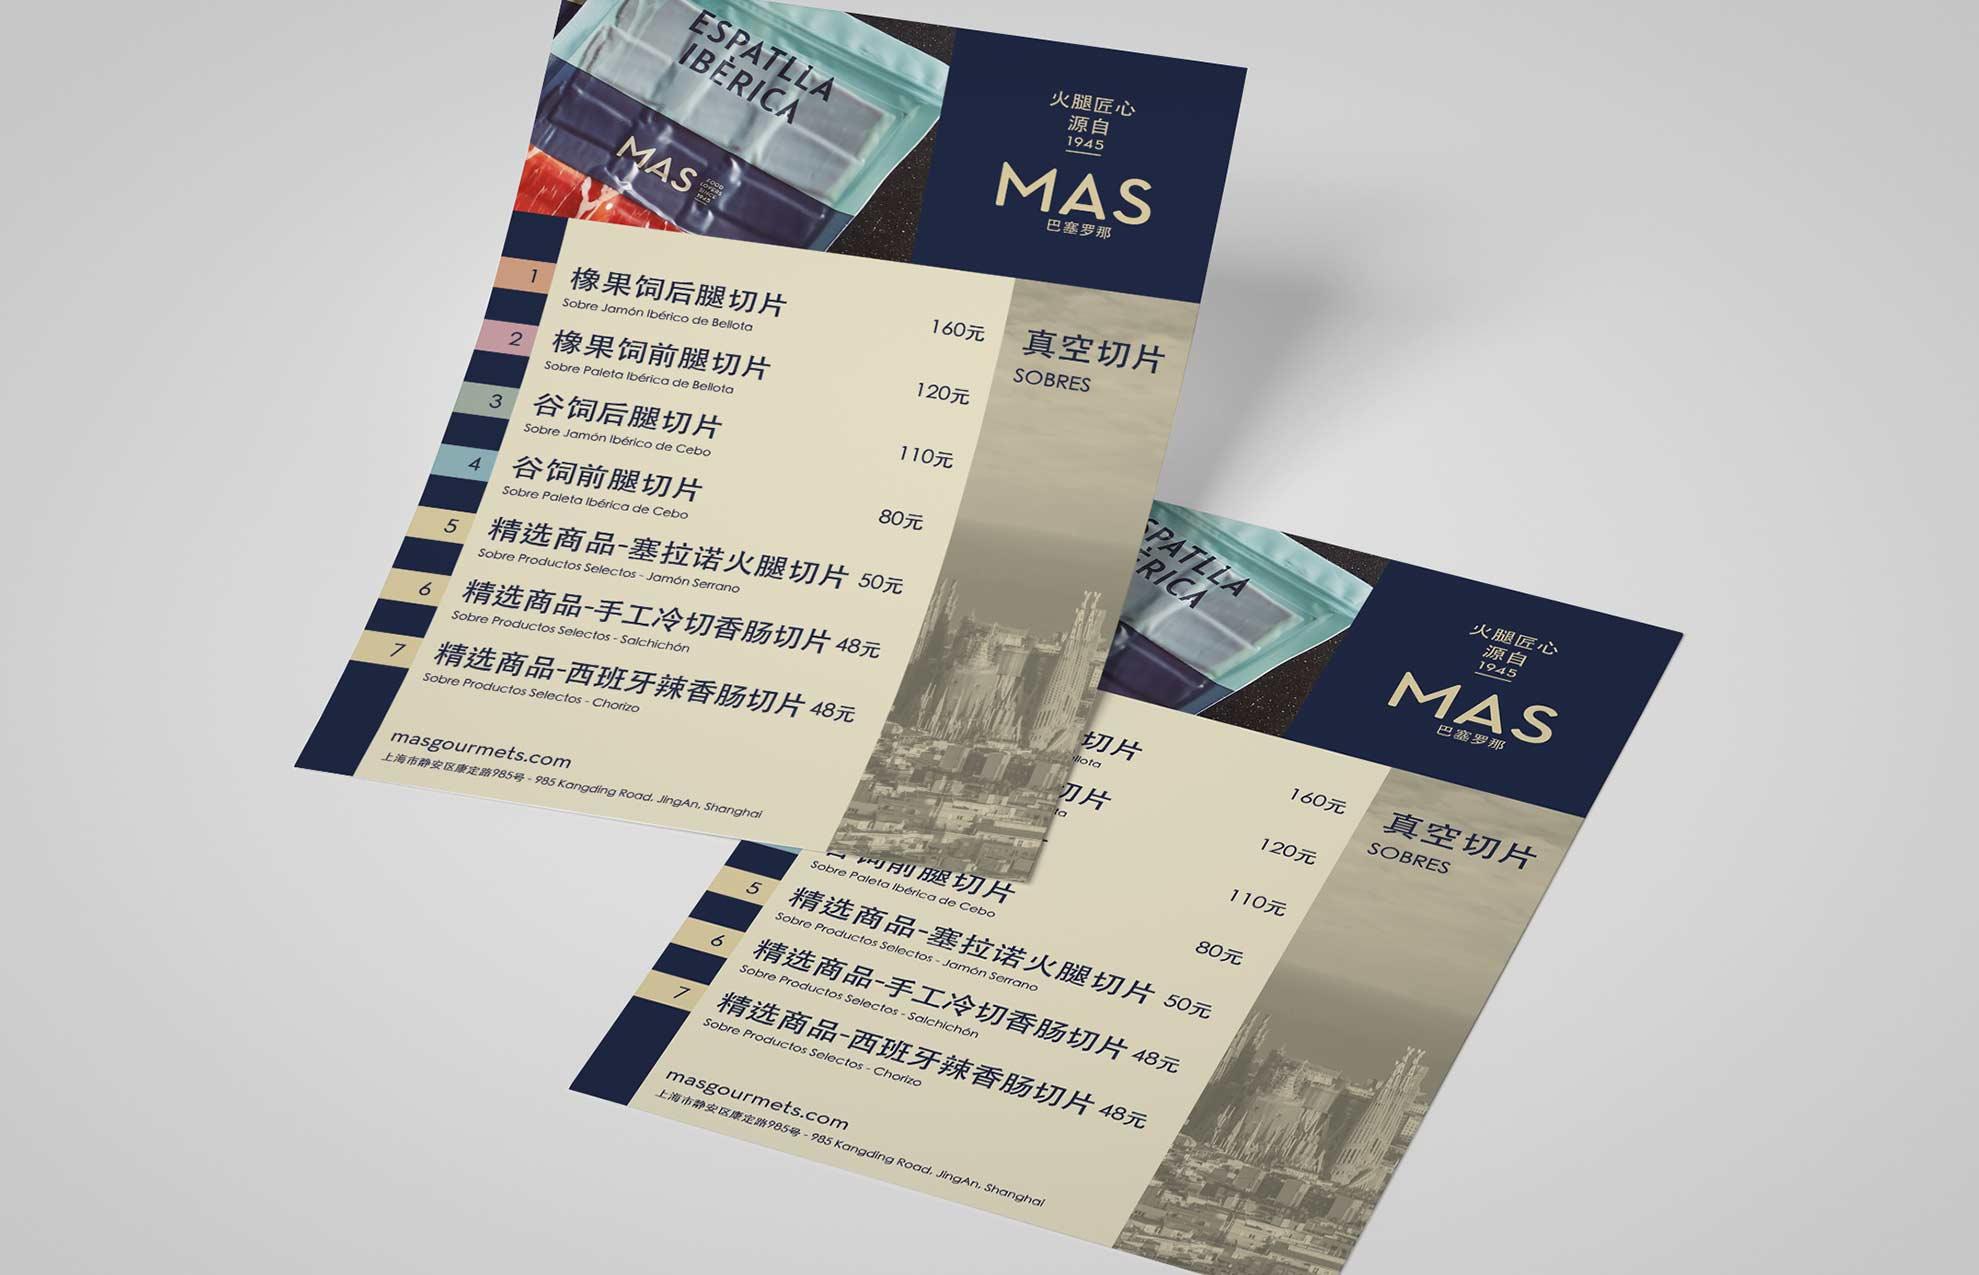 international design creation china asia 1 - Estrategia en branding y comunicación comercial para exportar a China